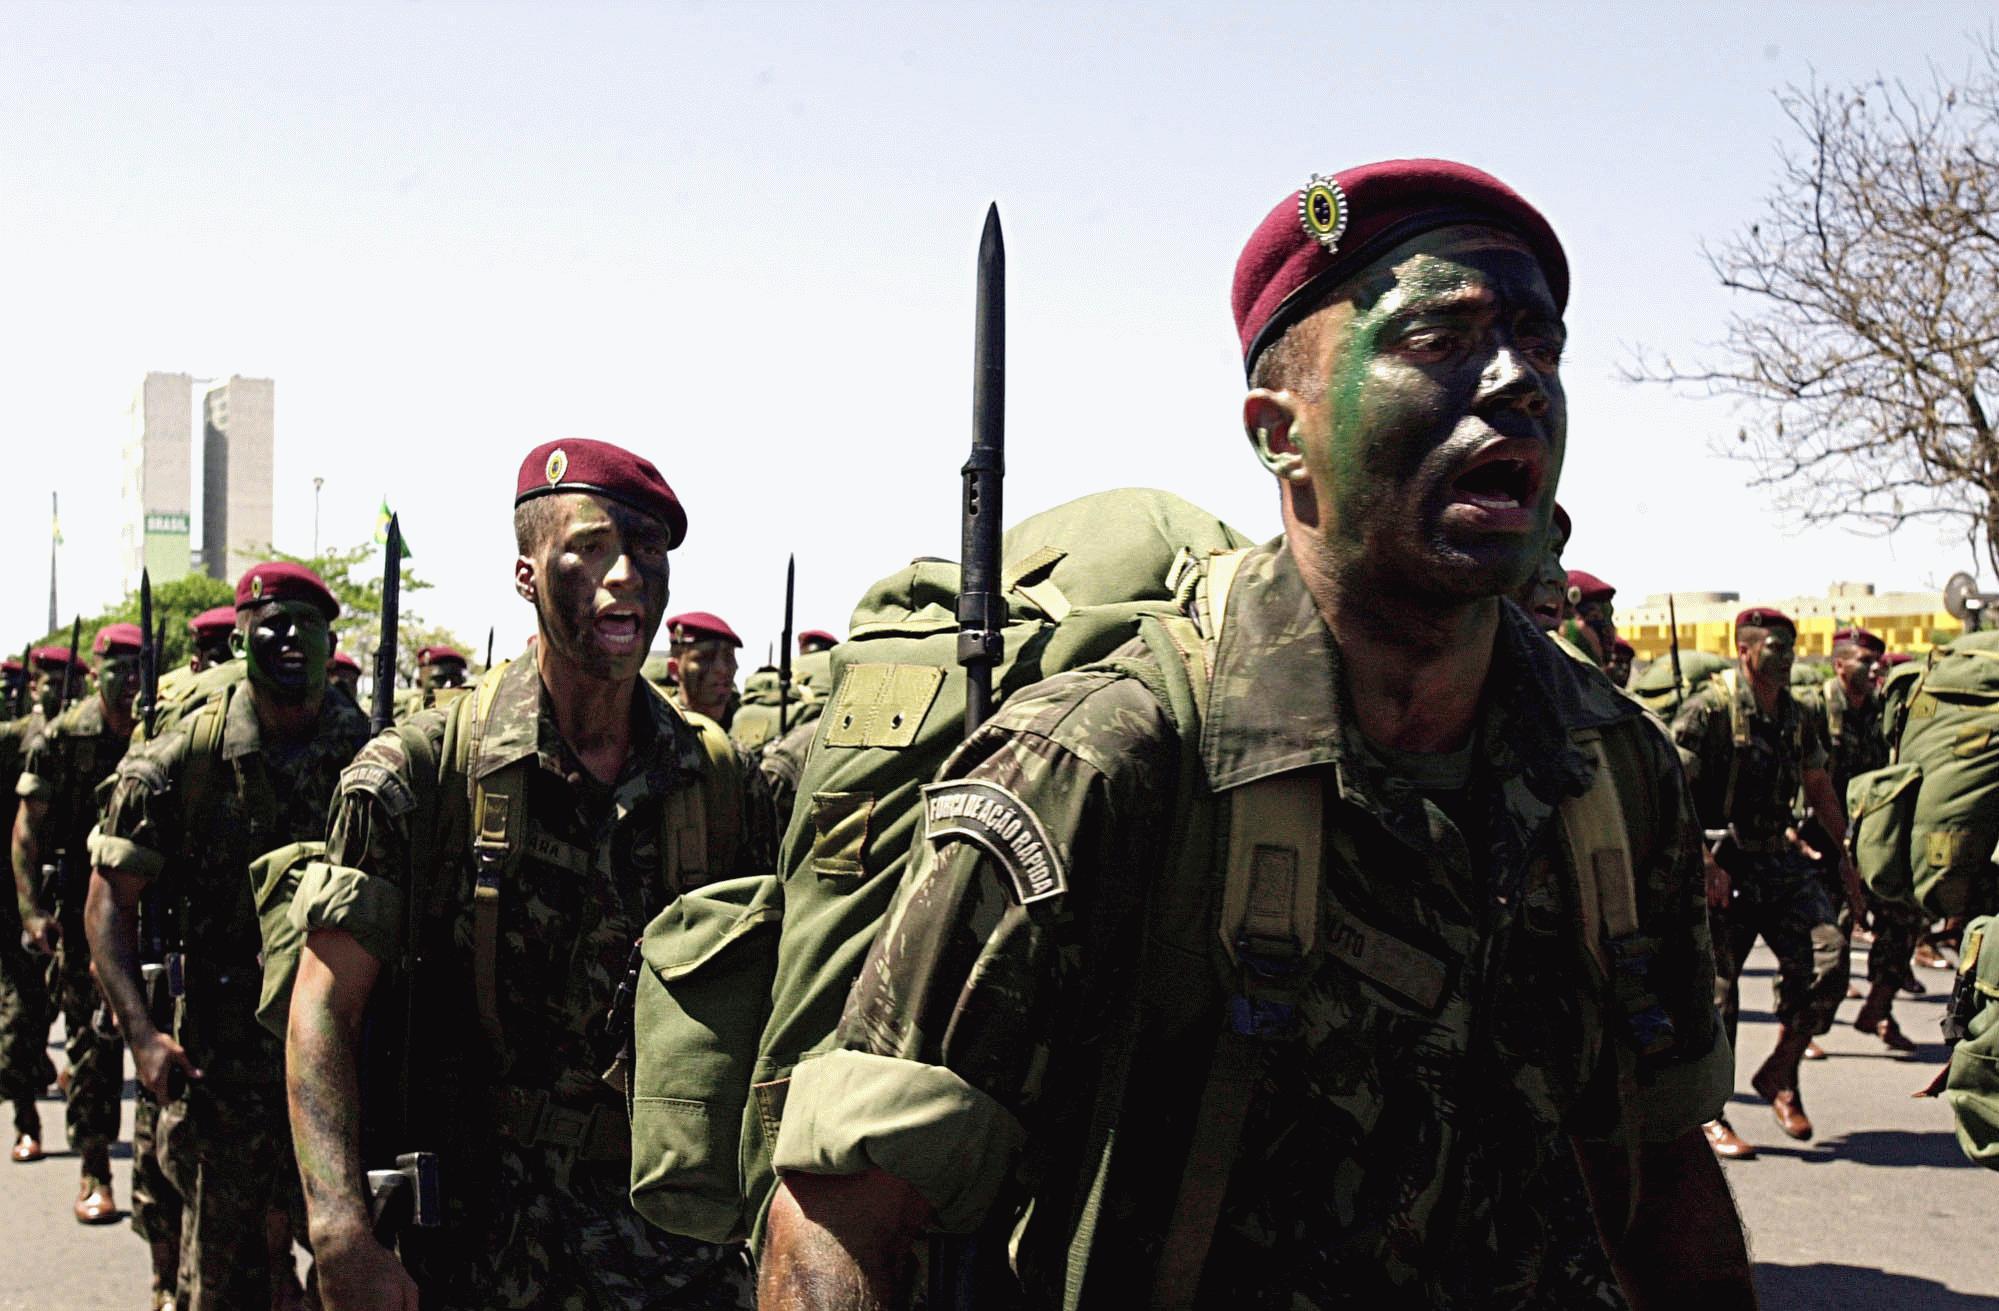 Brazilian Army SOF